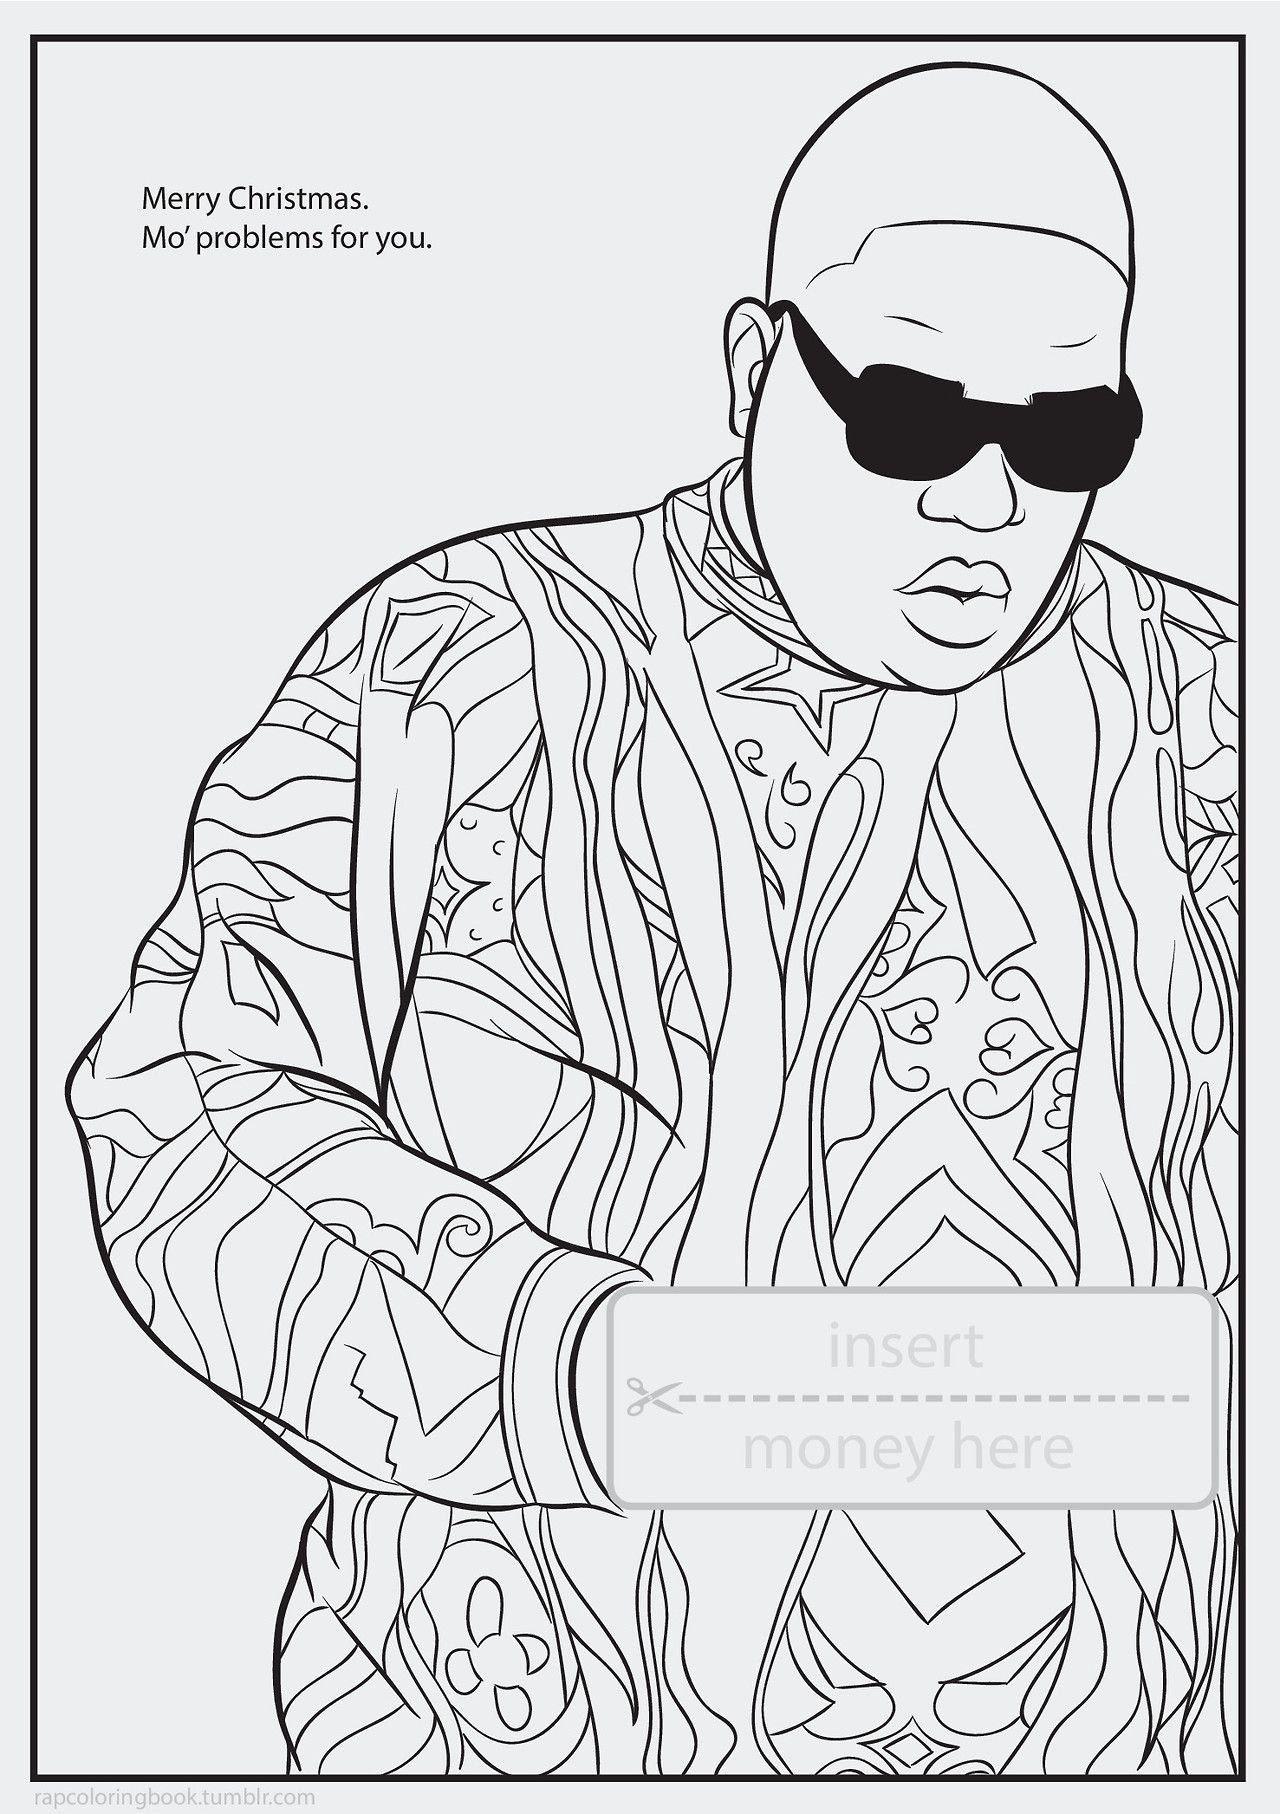 Gangsta Rap Coloring Book Beautiful Coloring Book Gangsta Rap Coloring Pages Free Book Pdf Coloring Books Coloring Pages Coloring Book Pages